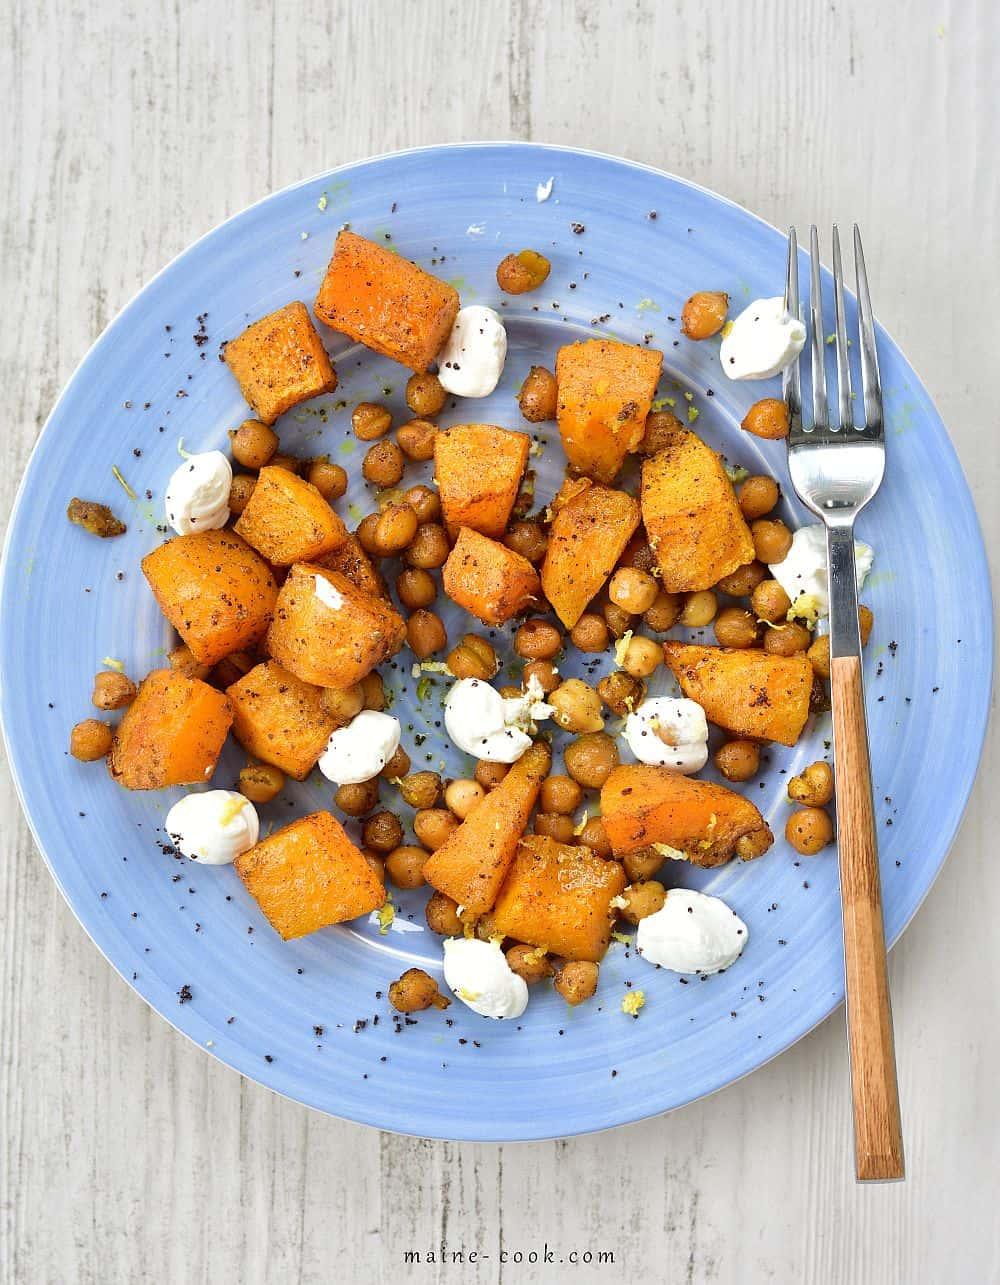 dynia z ciecierzycą i kozim serem roasted pumpkin with chickpeas and lemony goat's cheese